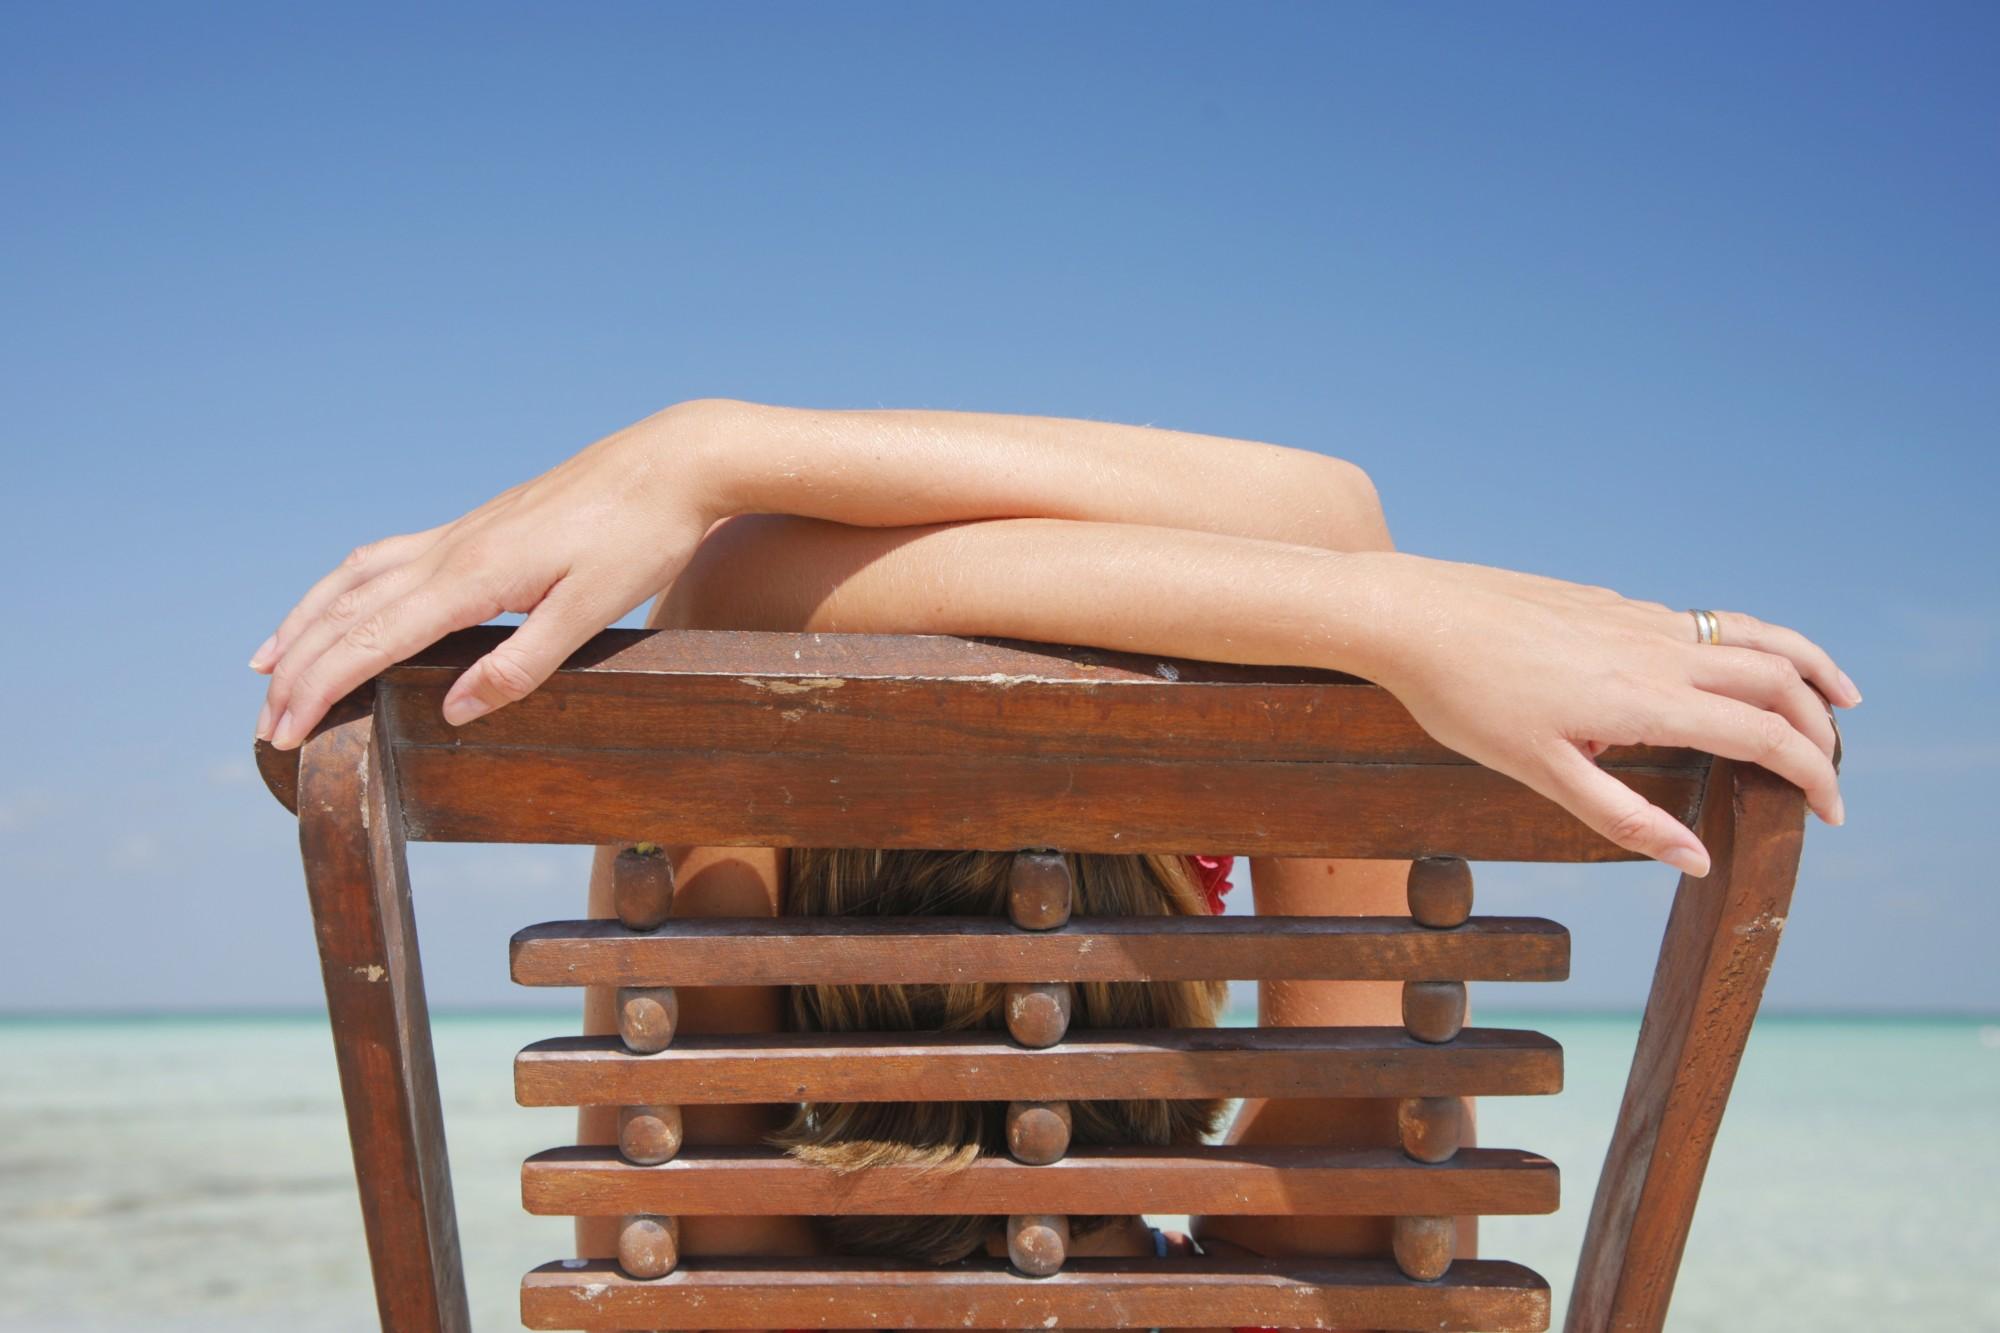 disfrutar del sol pero con protección solar